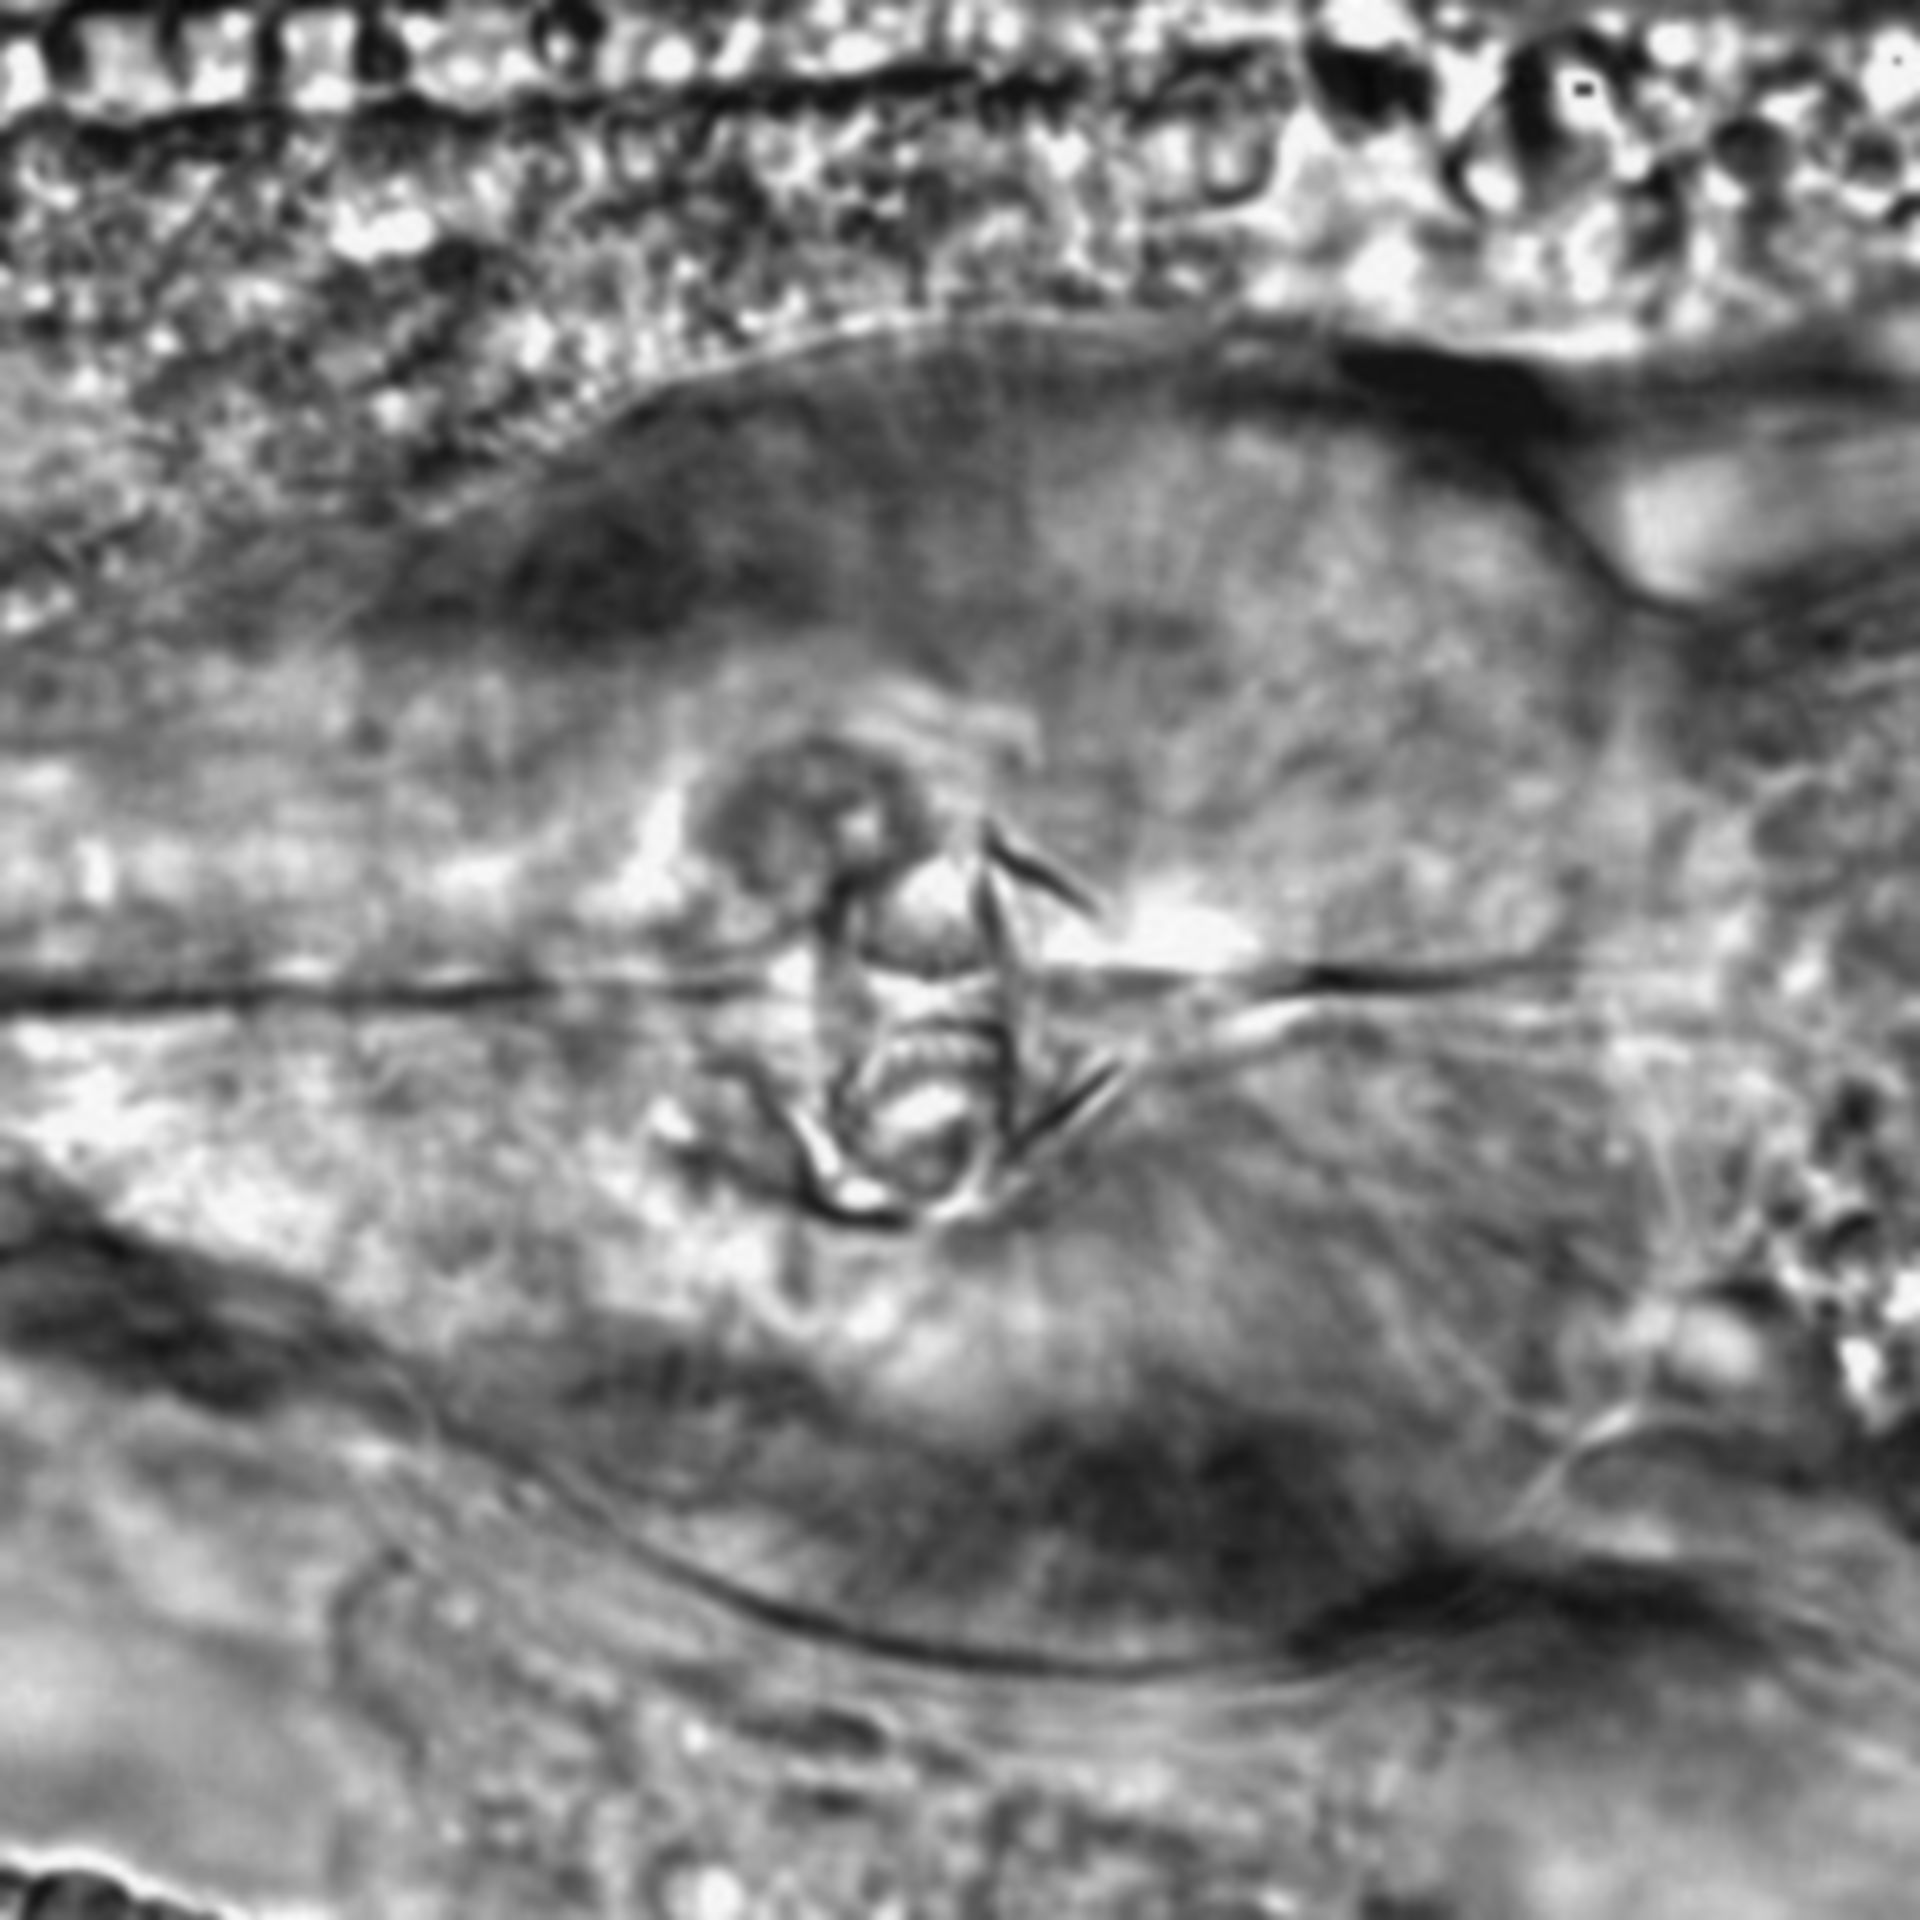 Caenorhabditis elegans - CIL:1944